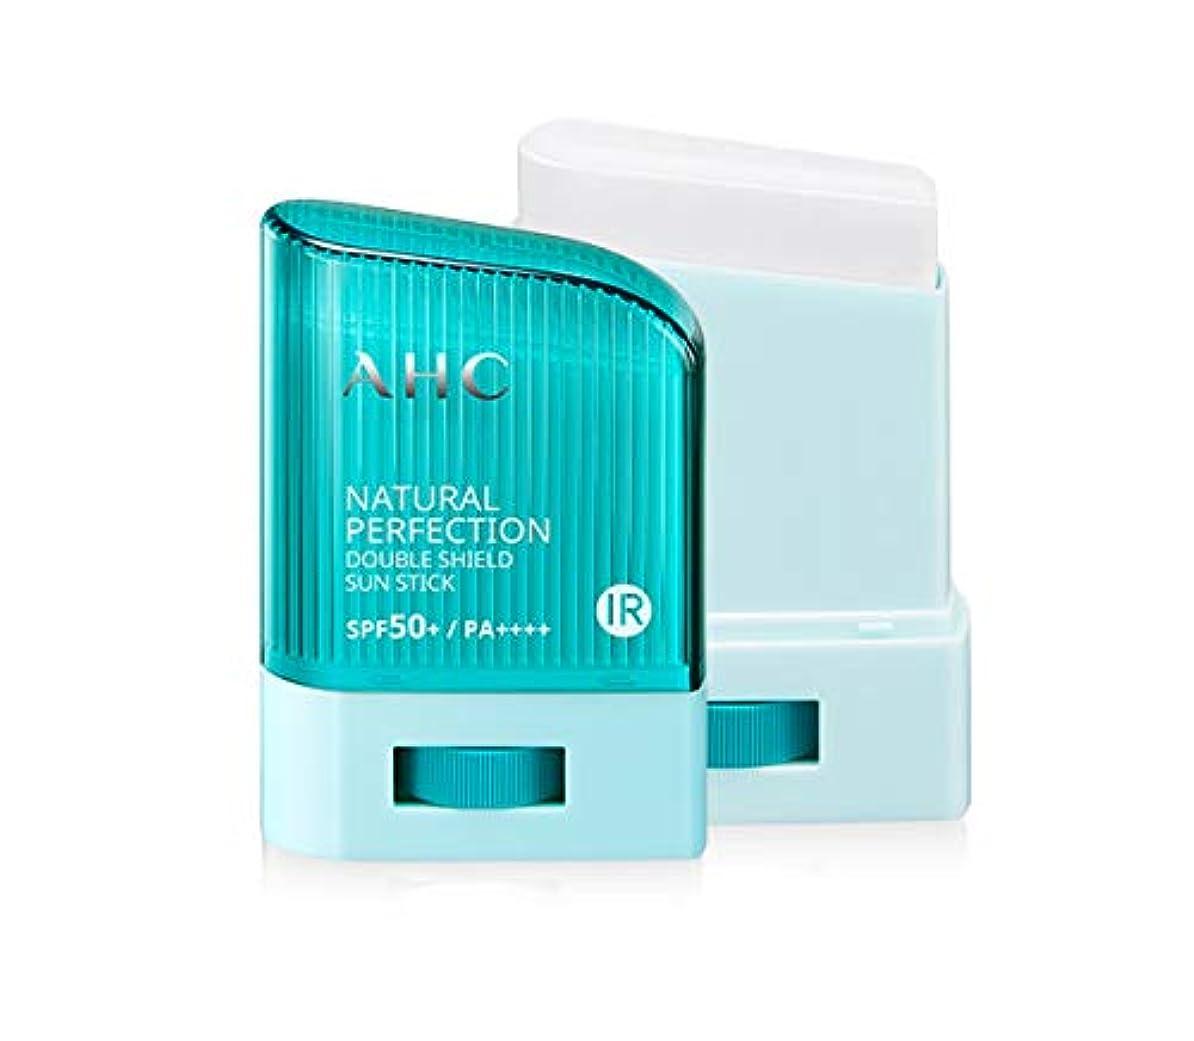 後ろにクック情熱的AHC ナチュラルパーフェクションダブルシールドサンスティック ブルー Natural Perfection Double Shield Sun Stick BLUE [並行輸入品] (14g)